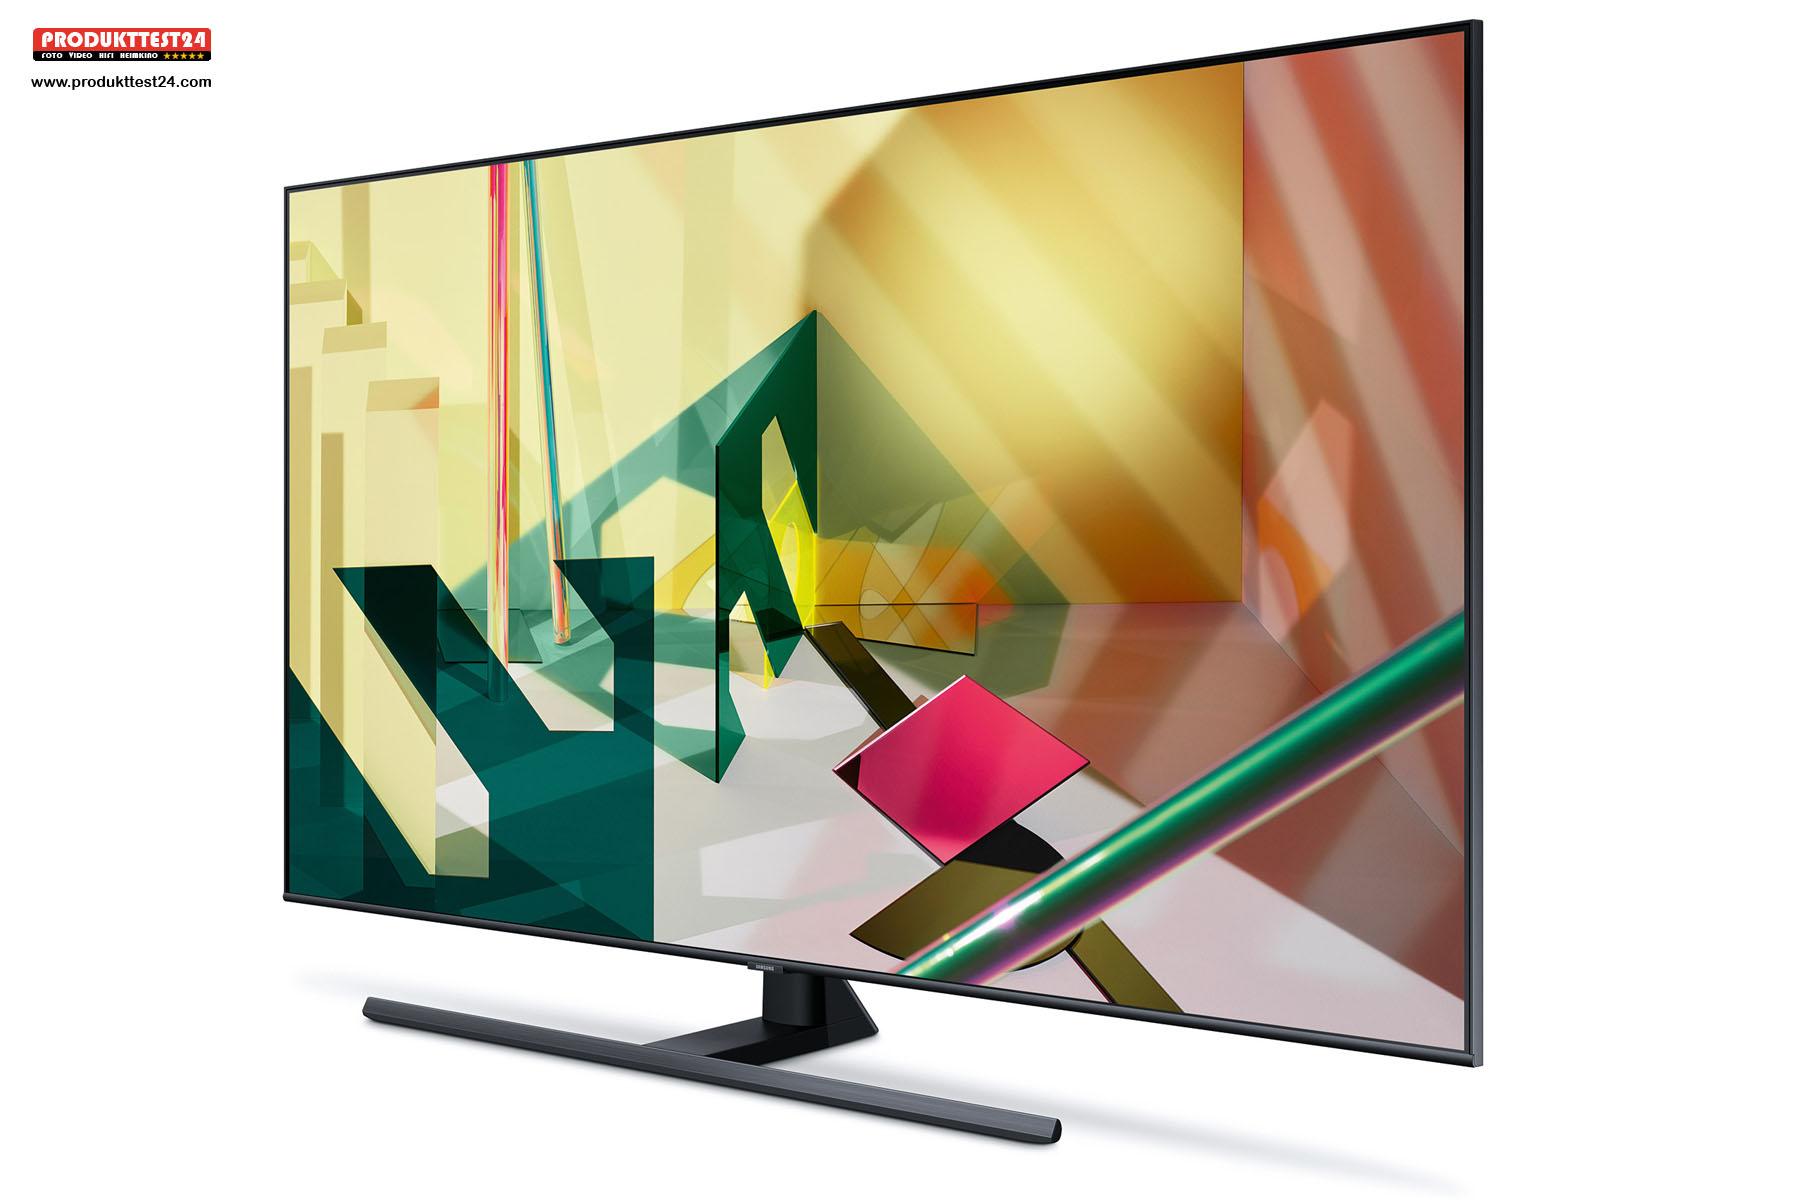 Der Samsung GQ55Q70T mit 55 Zoll Bilddiagonale, SmartTV, Sprachsteuerung und Twin Tuner